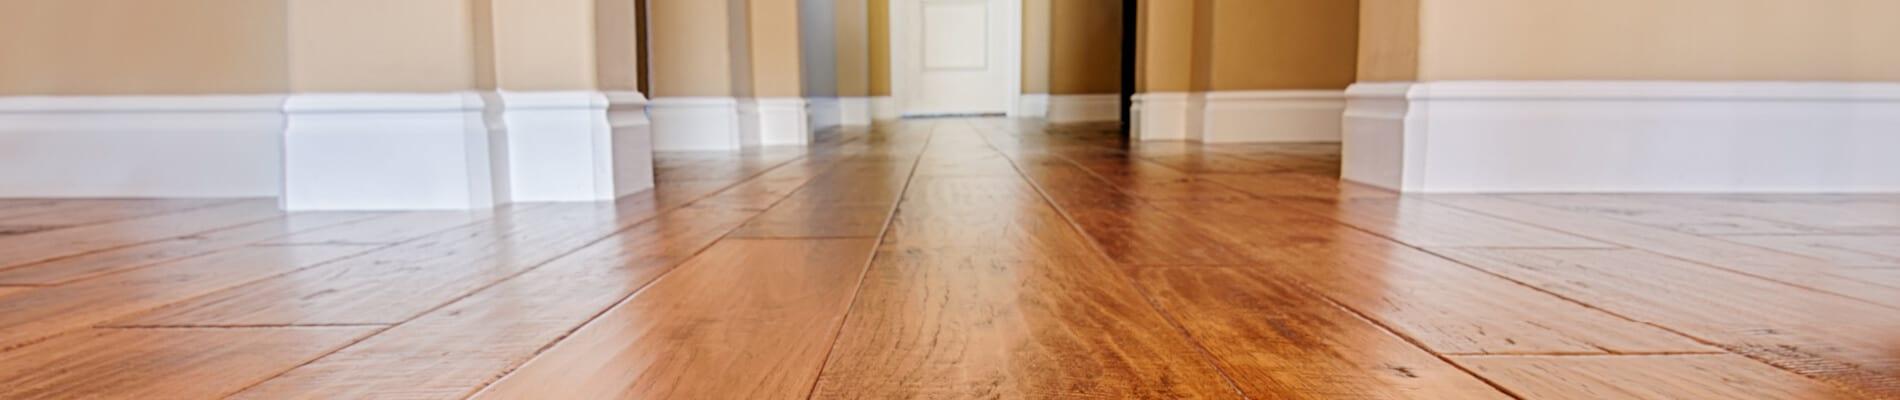 Flooring Install Bethalto IL